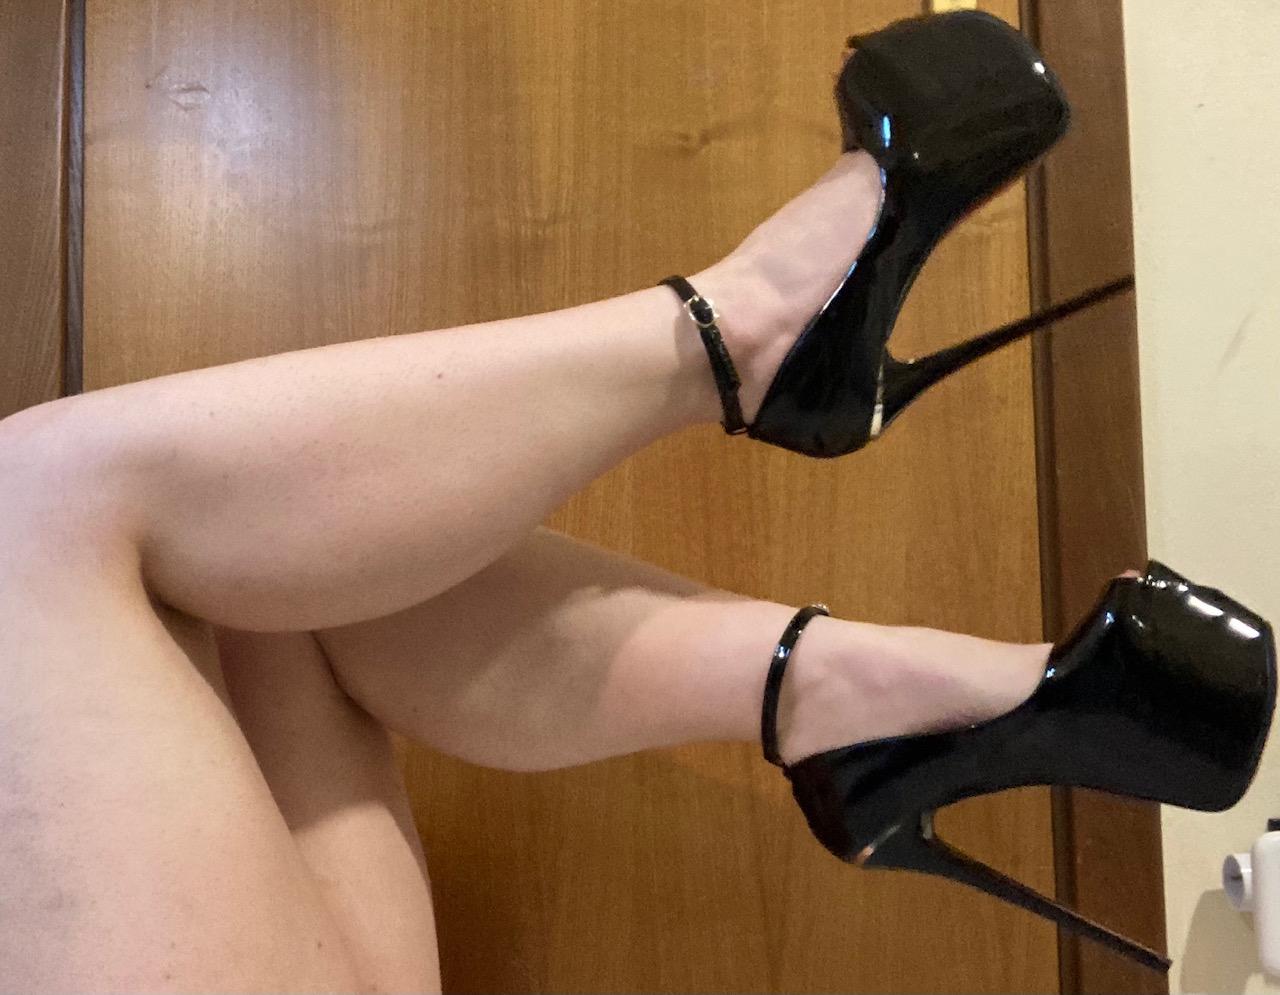 Chiama ora e godi con Linea Erotica Laura Cod. 117